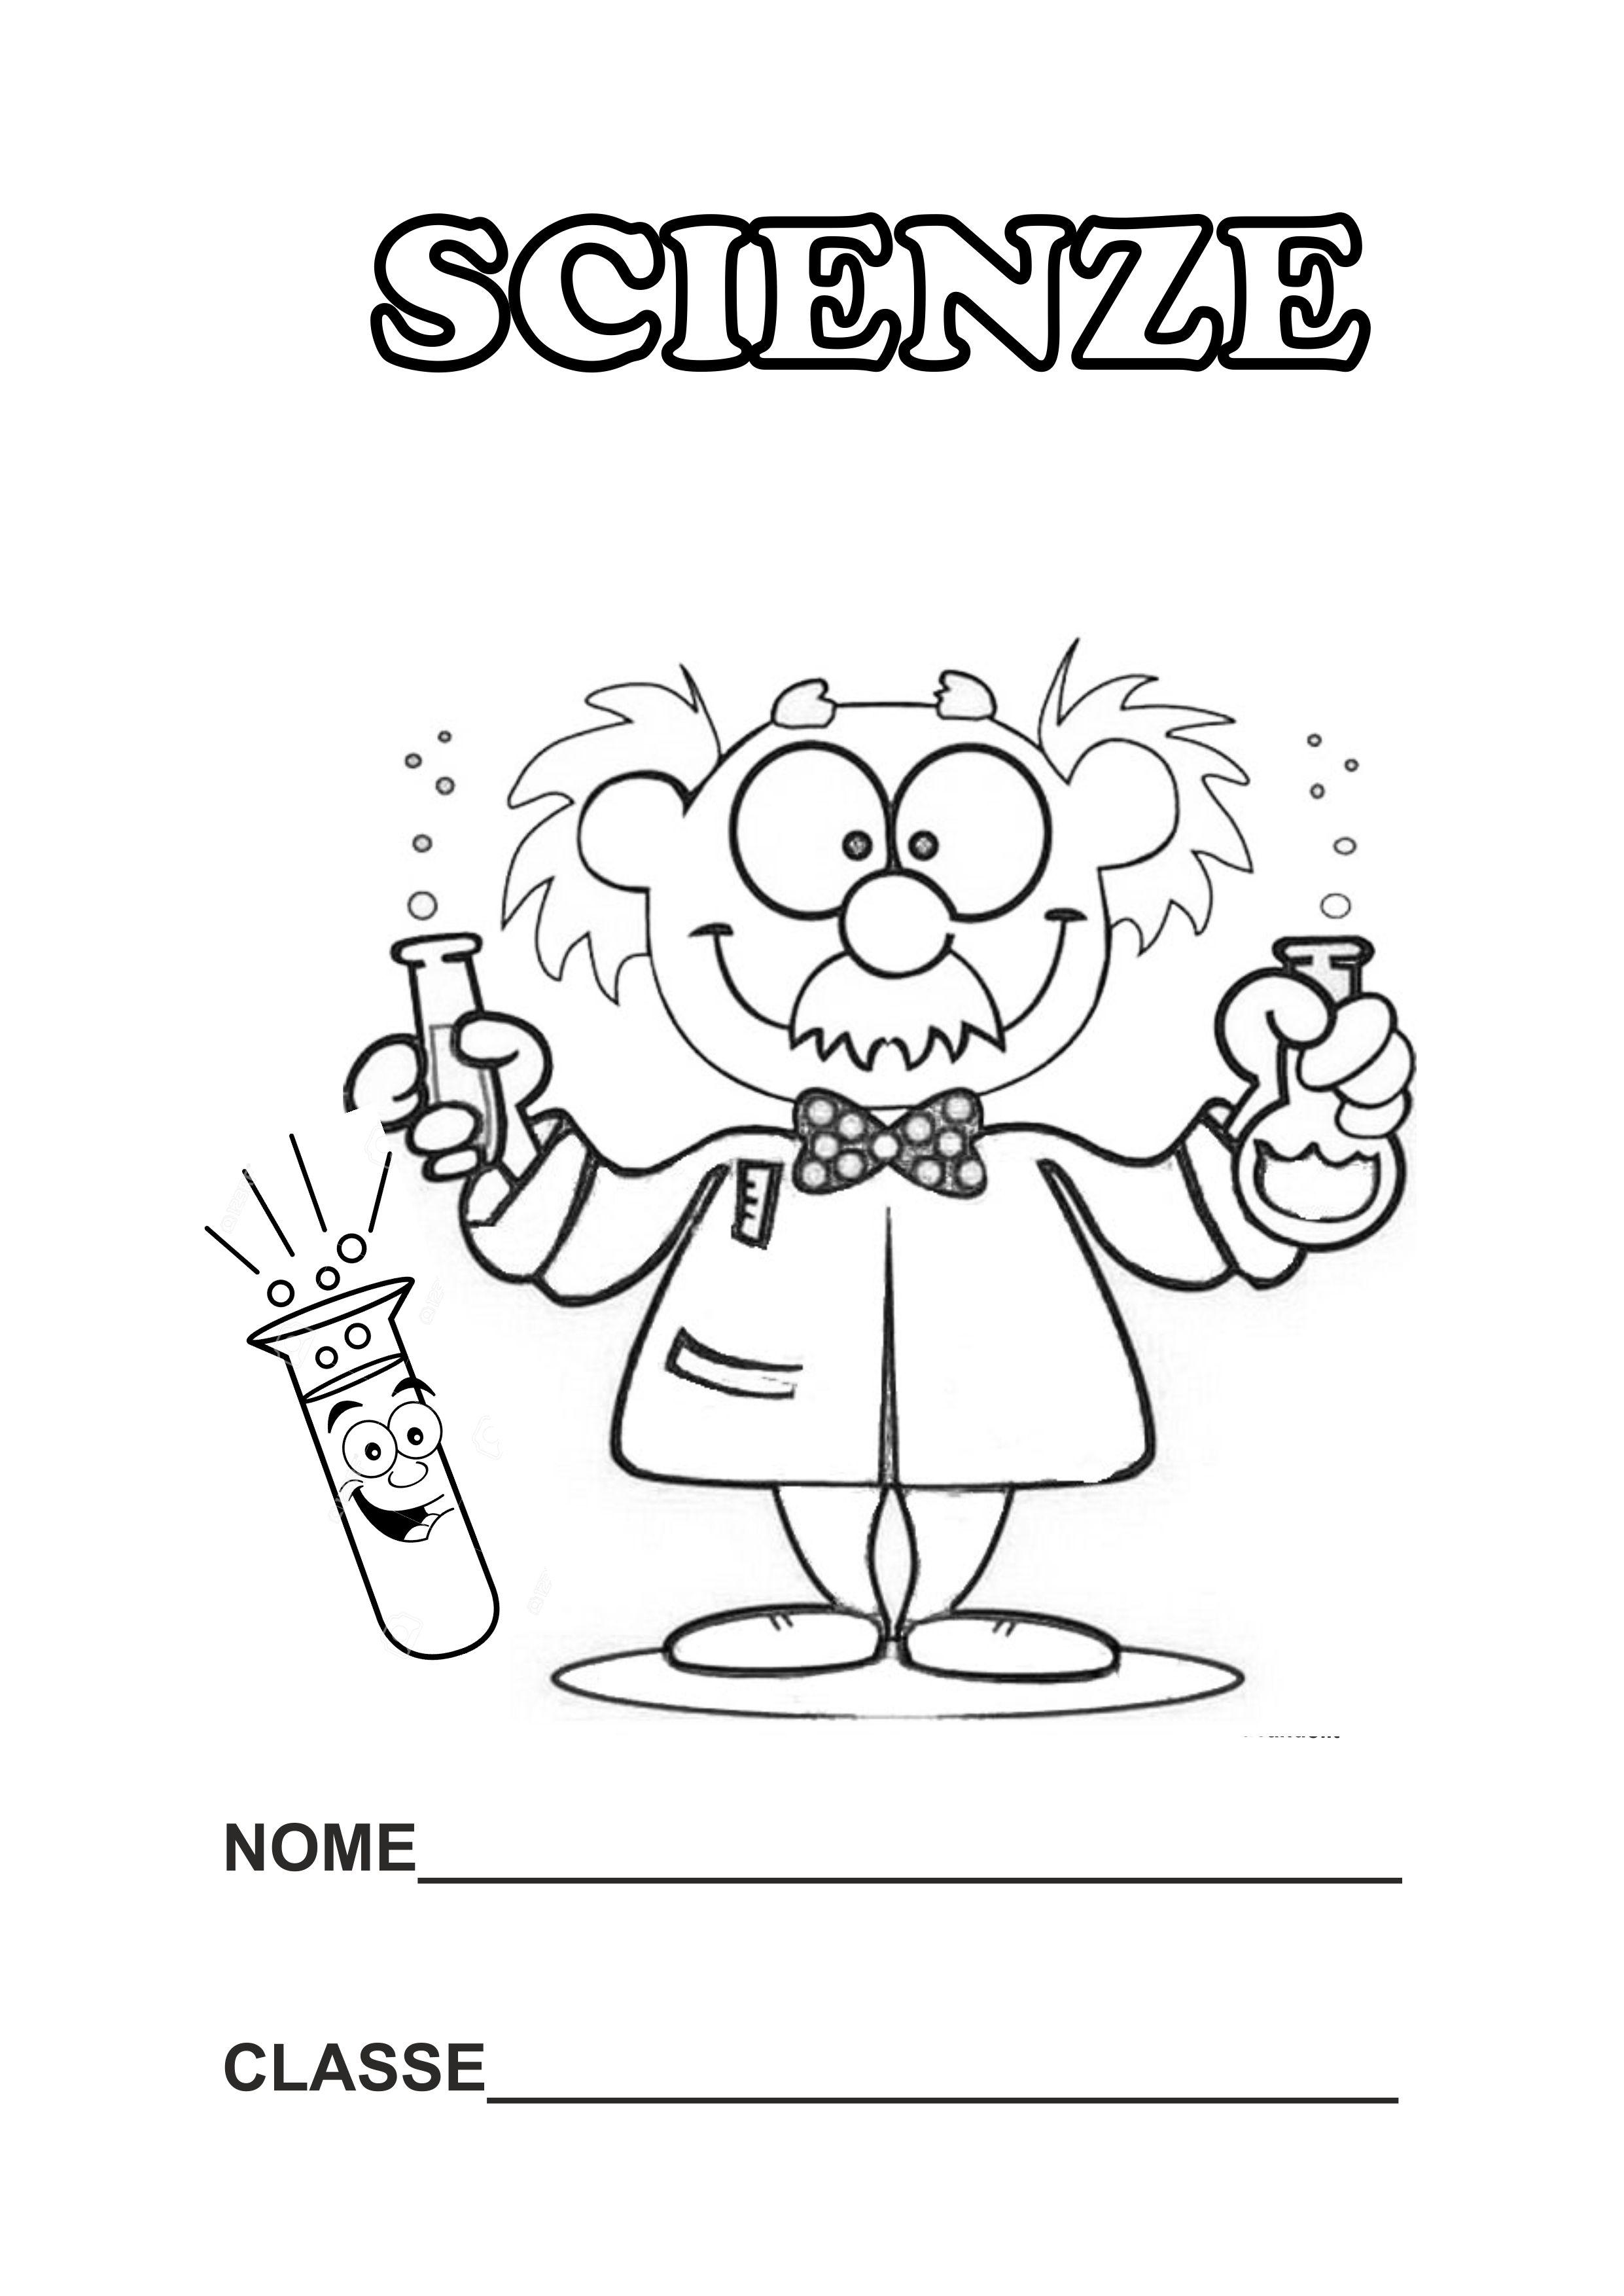 Quaderni scuola primaria da scaricare zy35 regardsdefemmes - Disegnare le proprie pagine da colorare ...